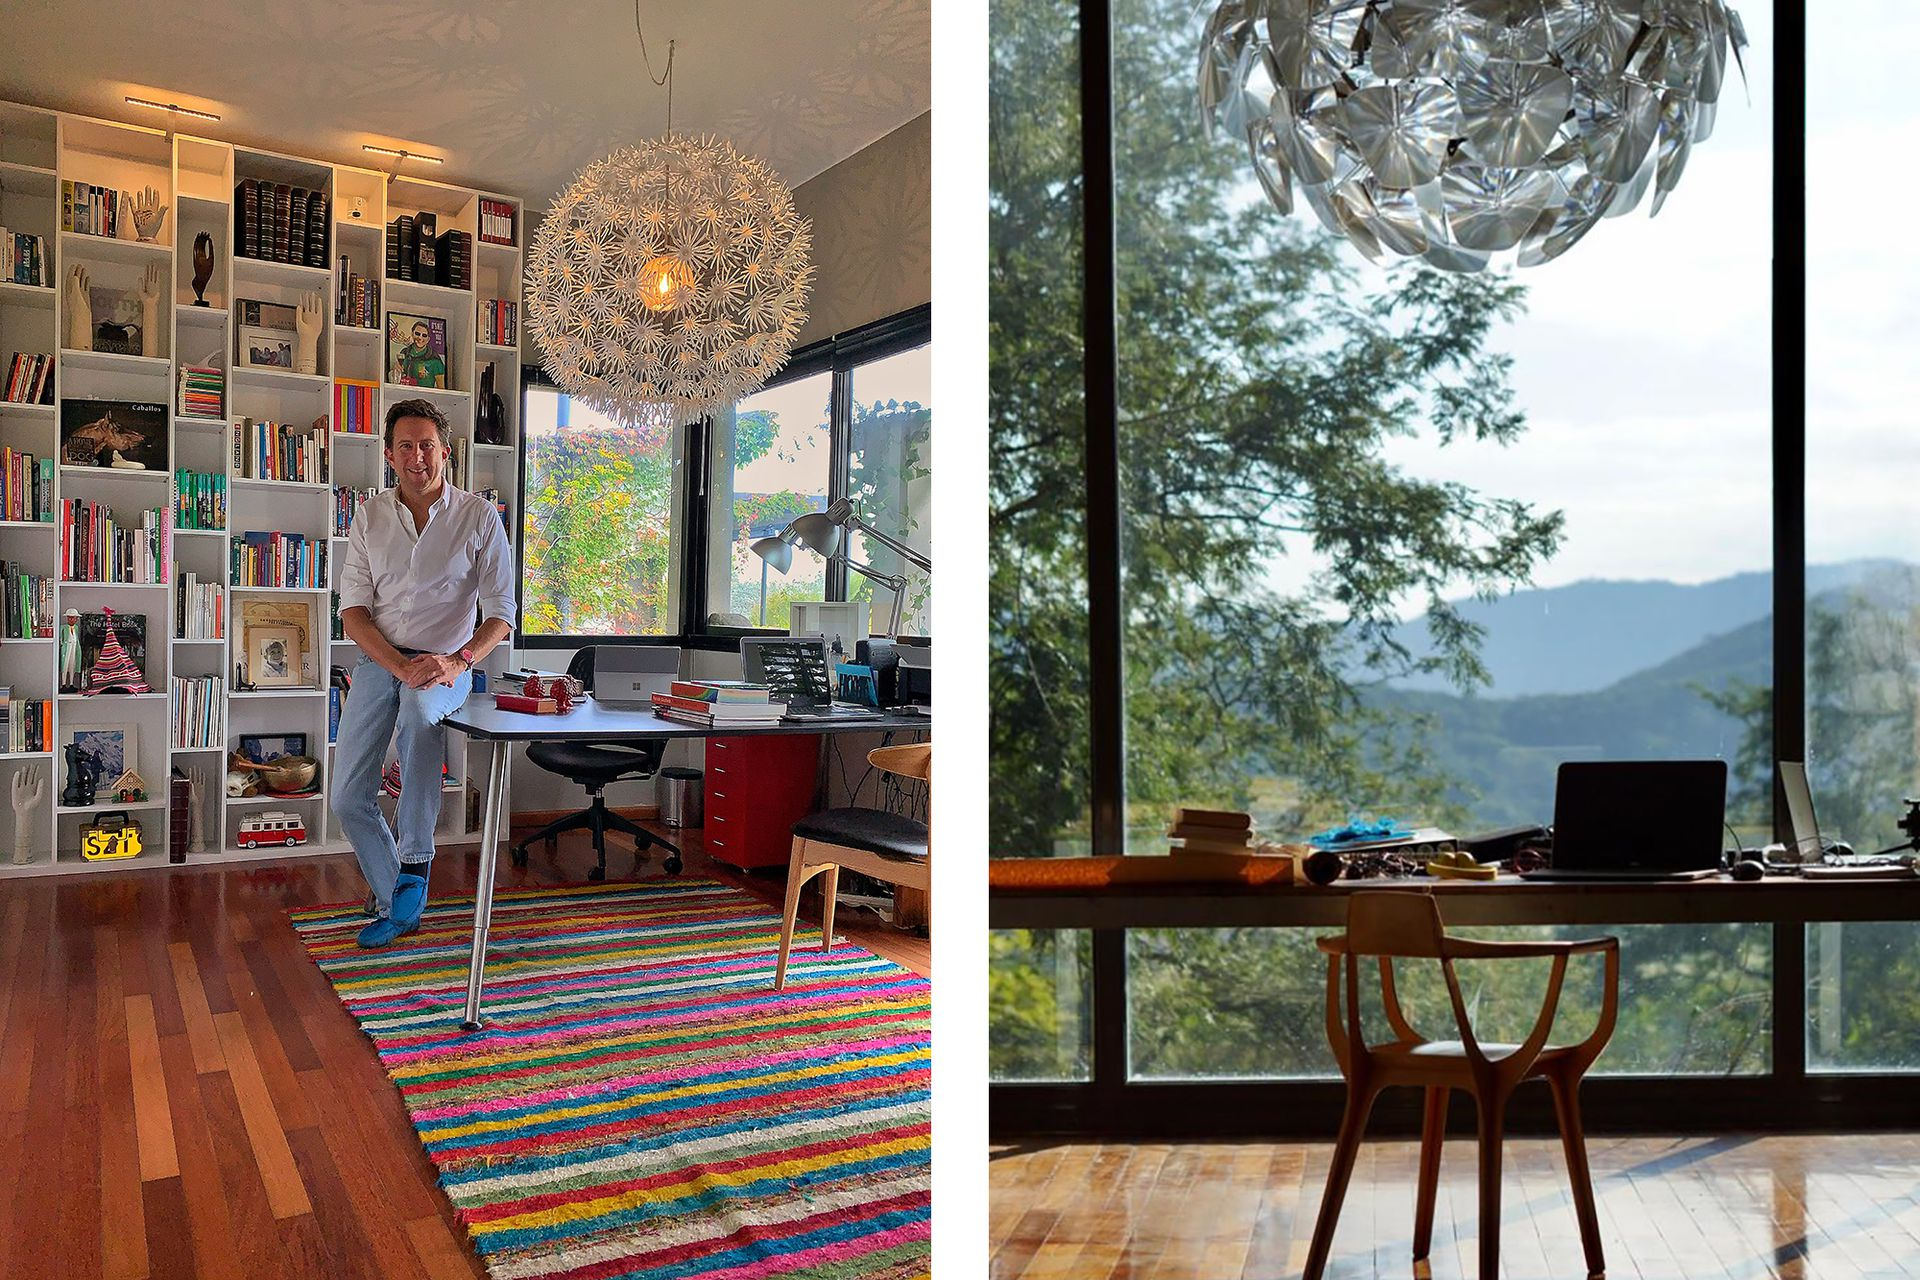 Izq.: El arquitecto Fernando Malenchini en el espacio que comparte con su pareja. Der.: El escritorio del diseñador Francisco Gómez Paz con vista a los cerros salteños.